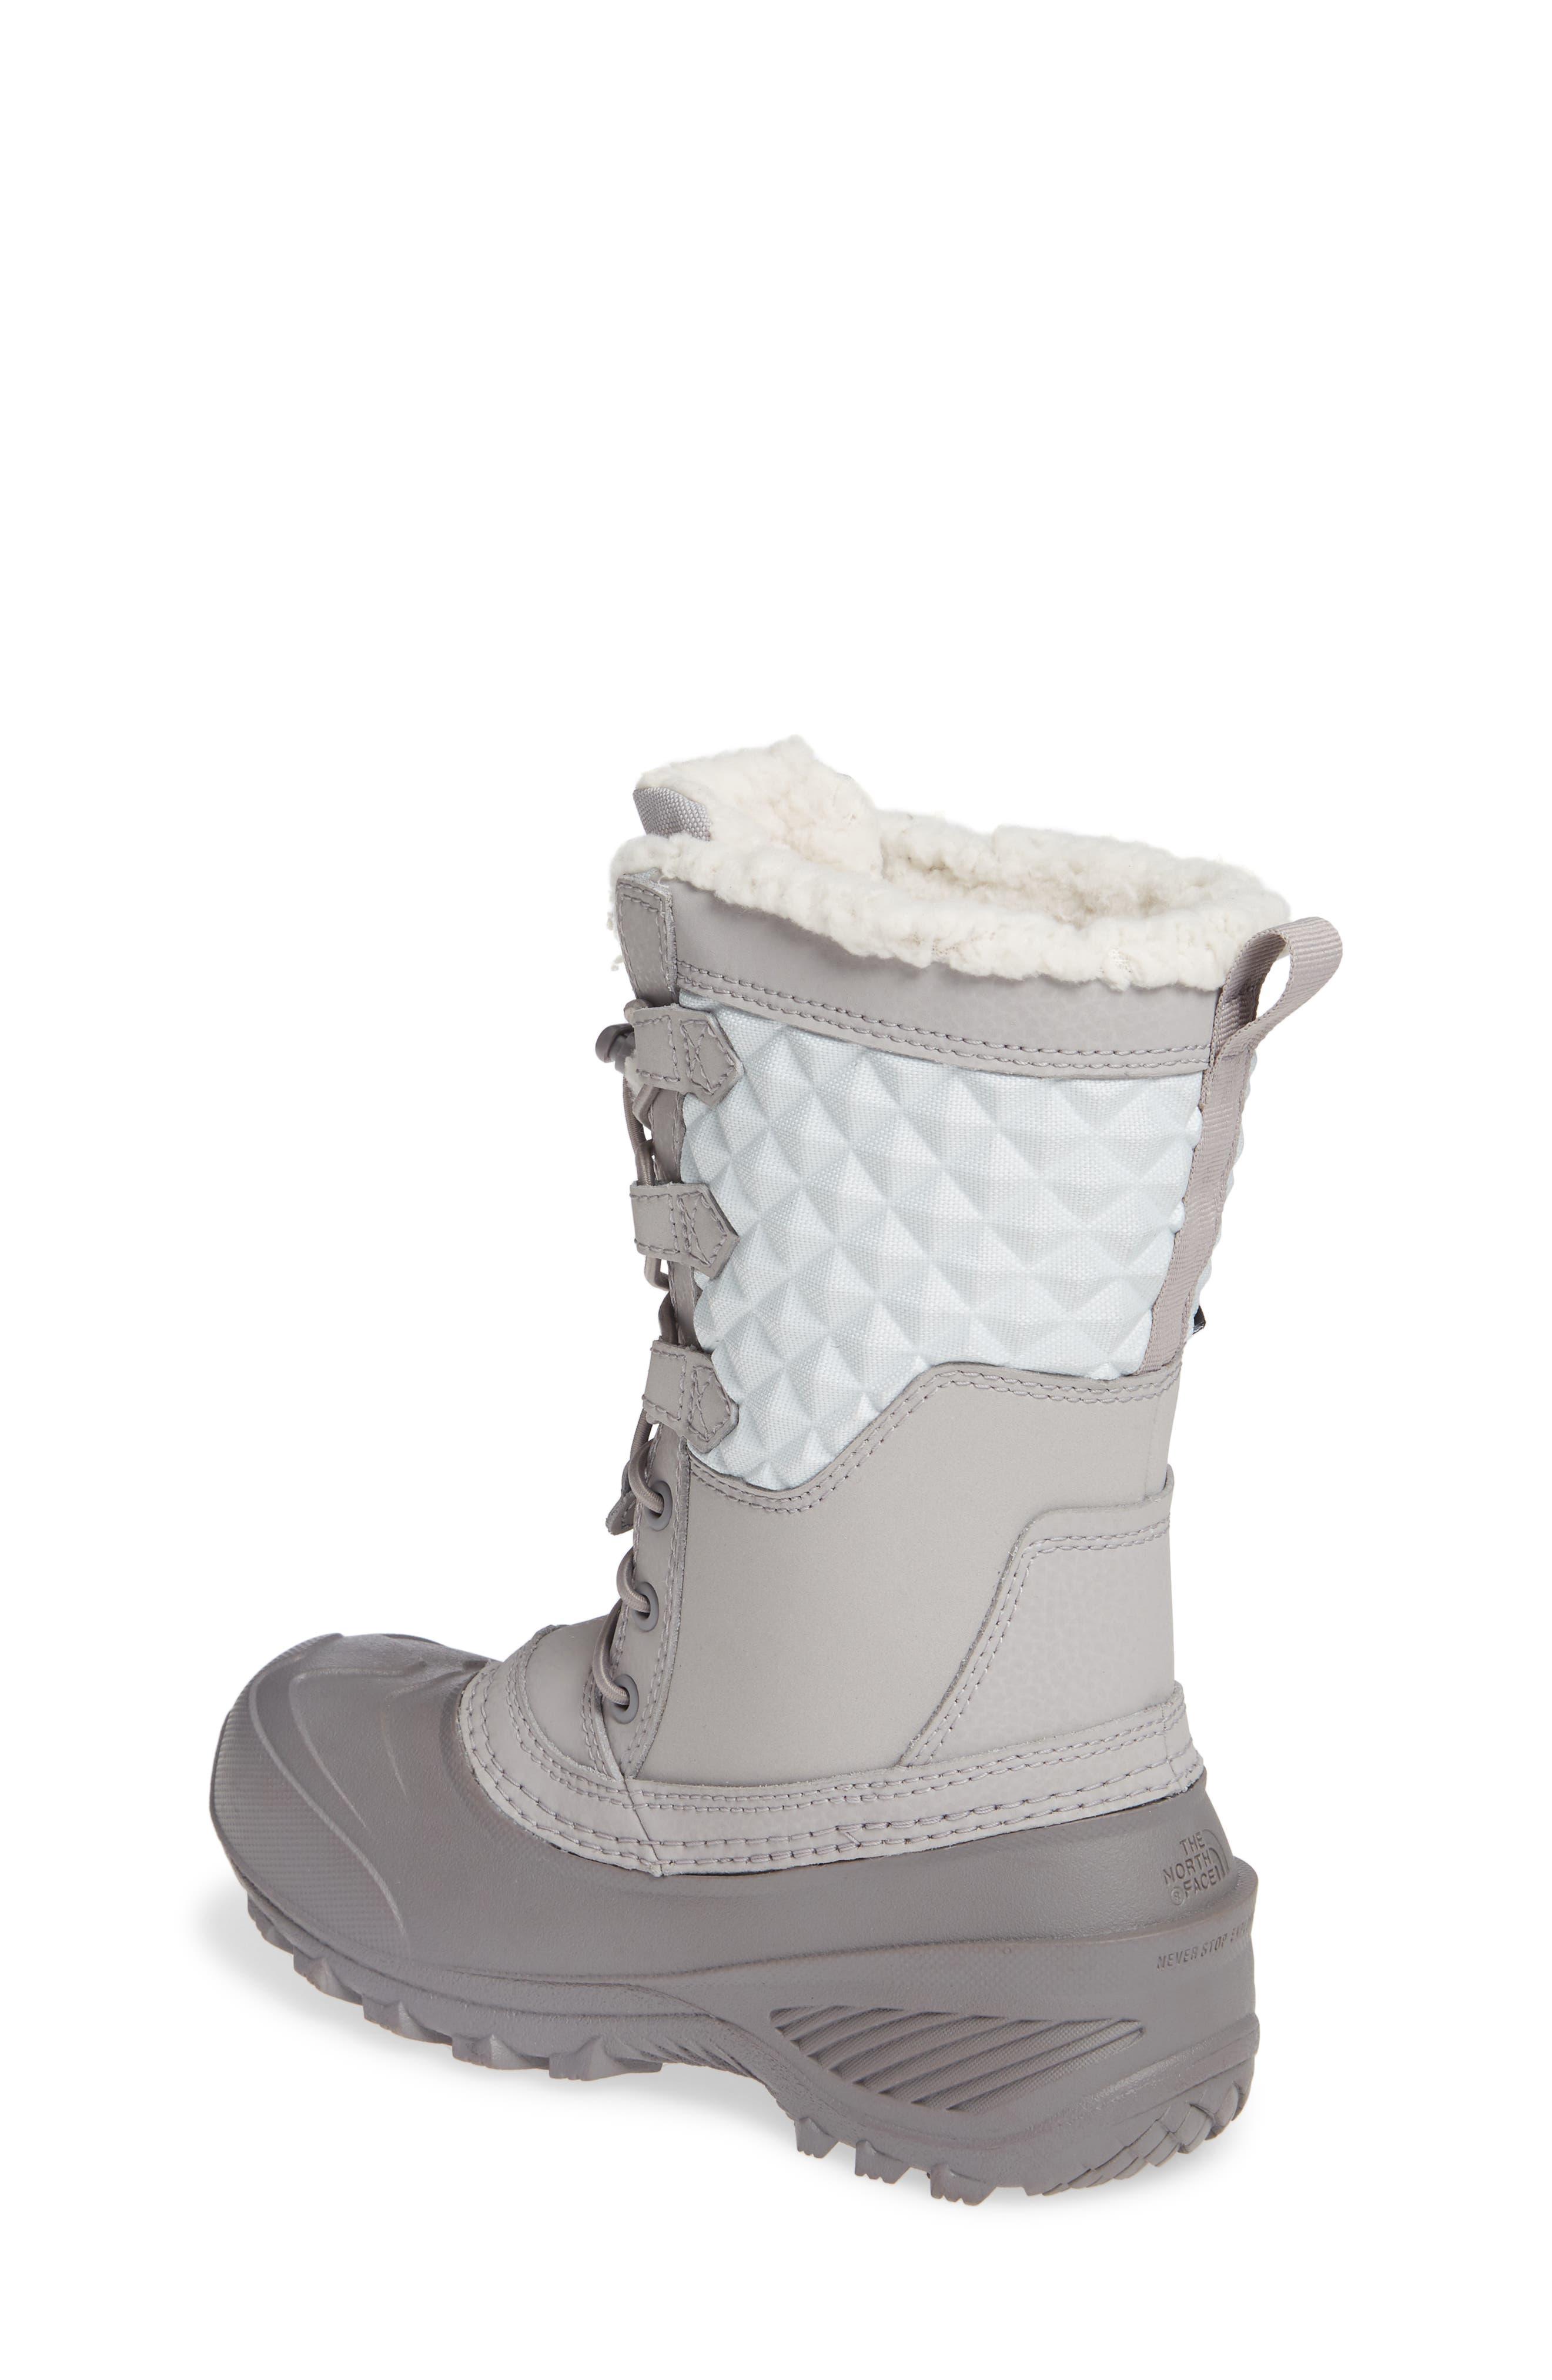 Shellista Lace III Faux Fur Waterproof Boot,                             Alternate thumbnail 2, color,                             030